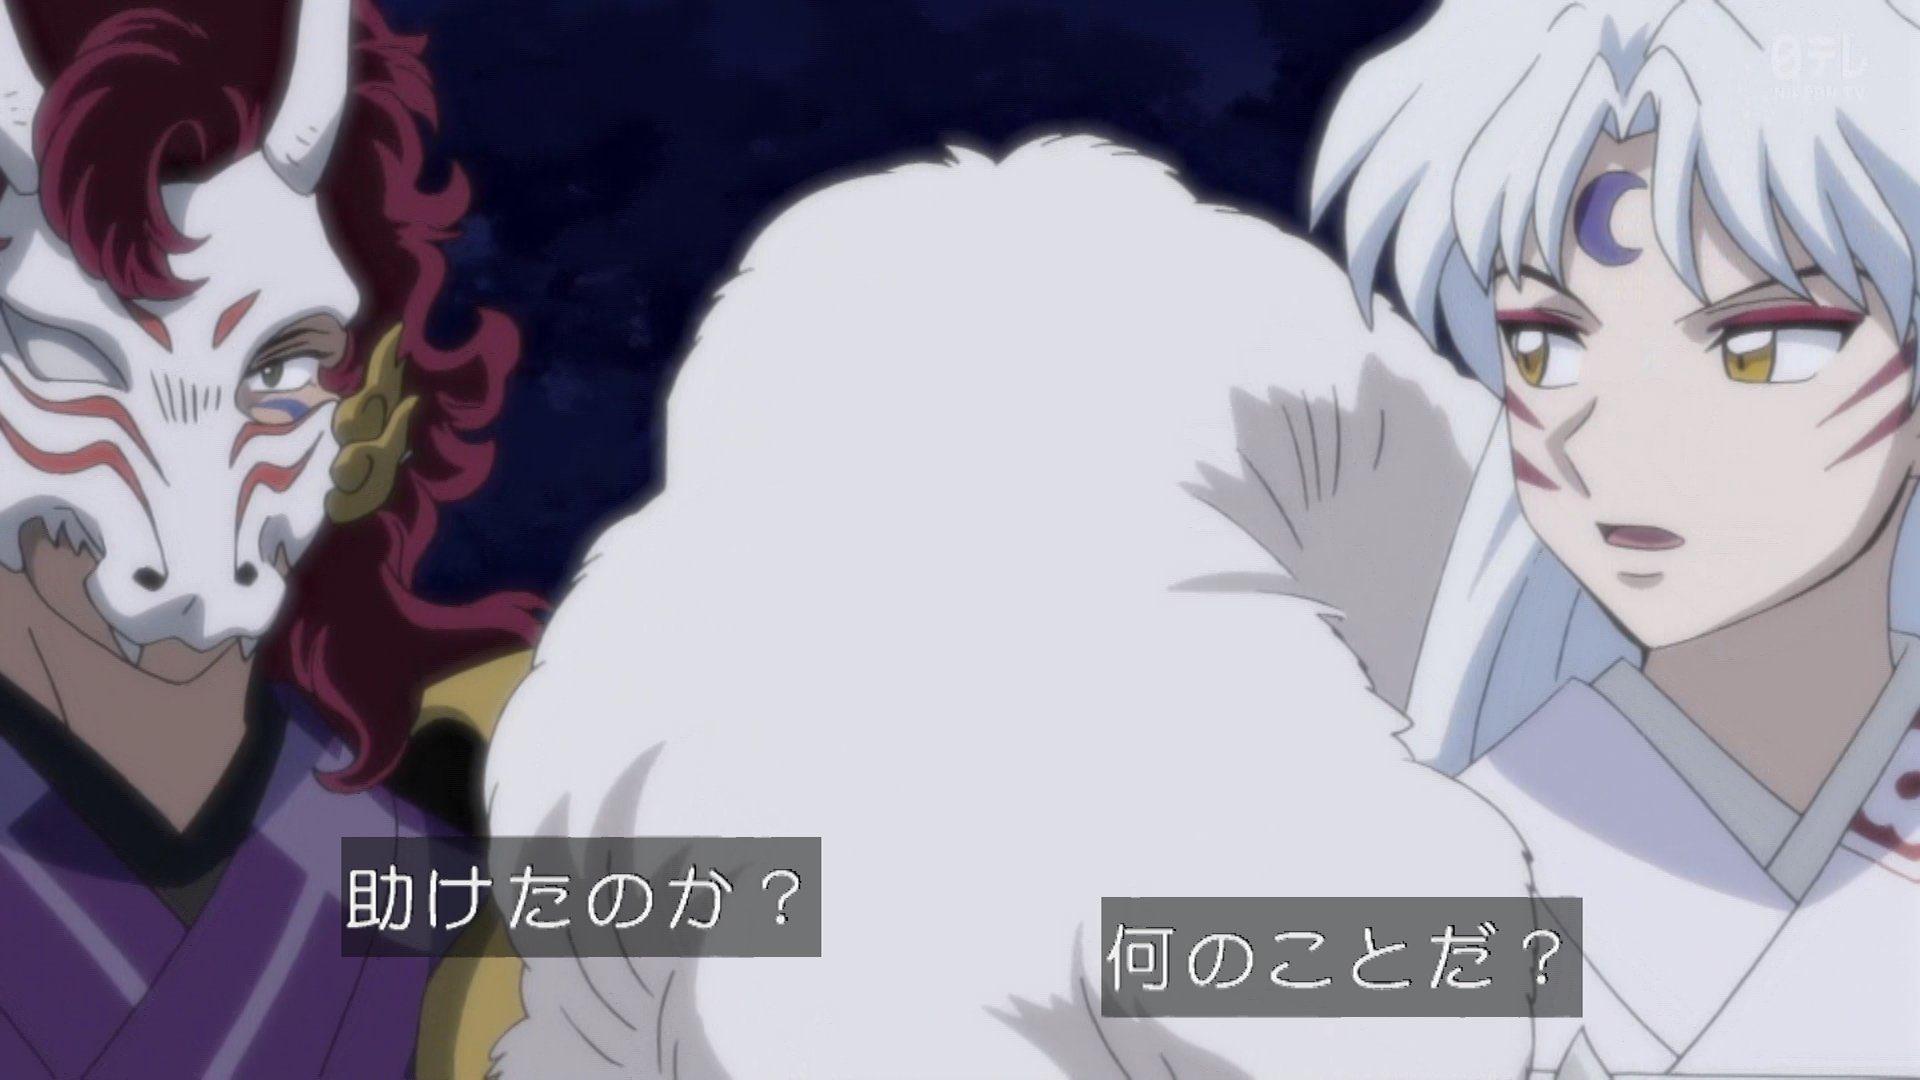 『半妖の夜叉姫』の麒麟丸